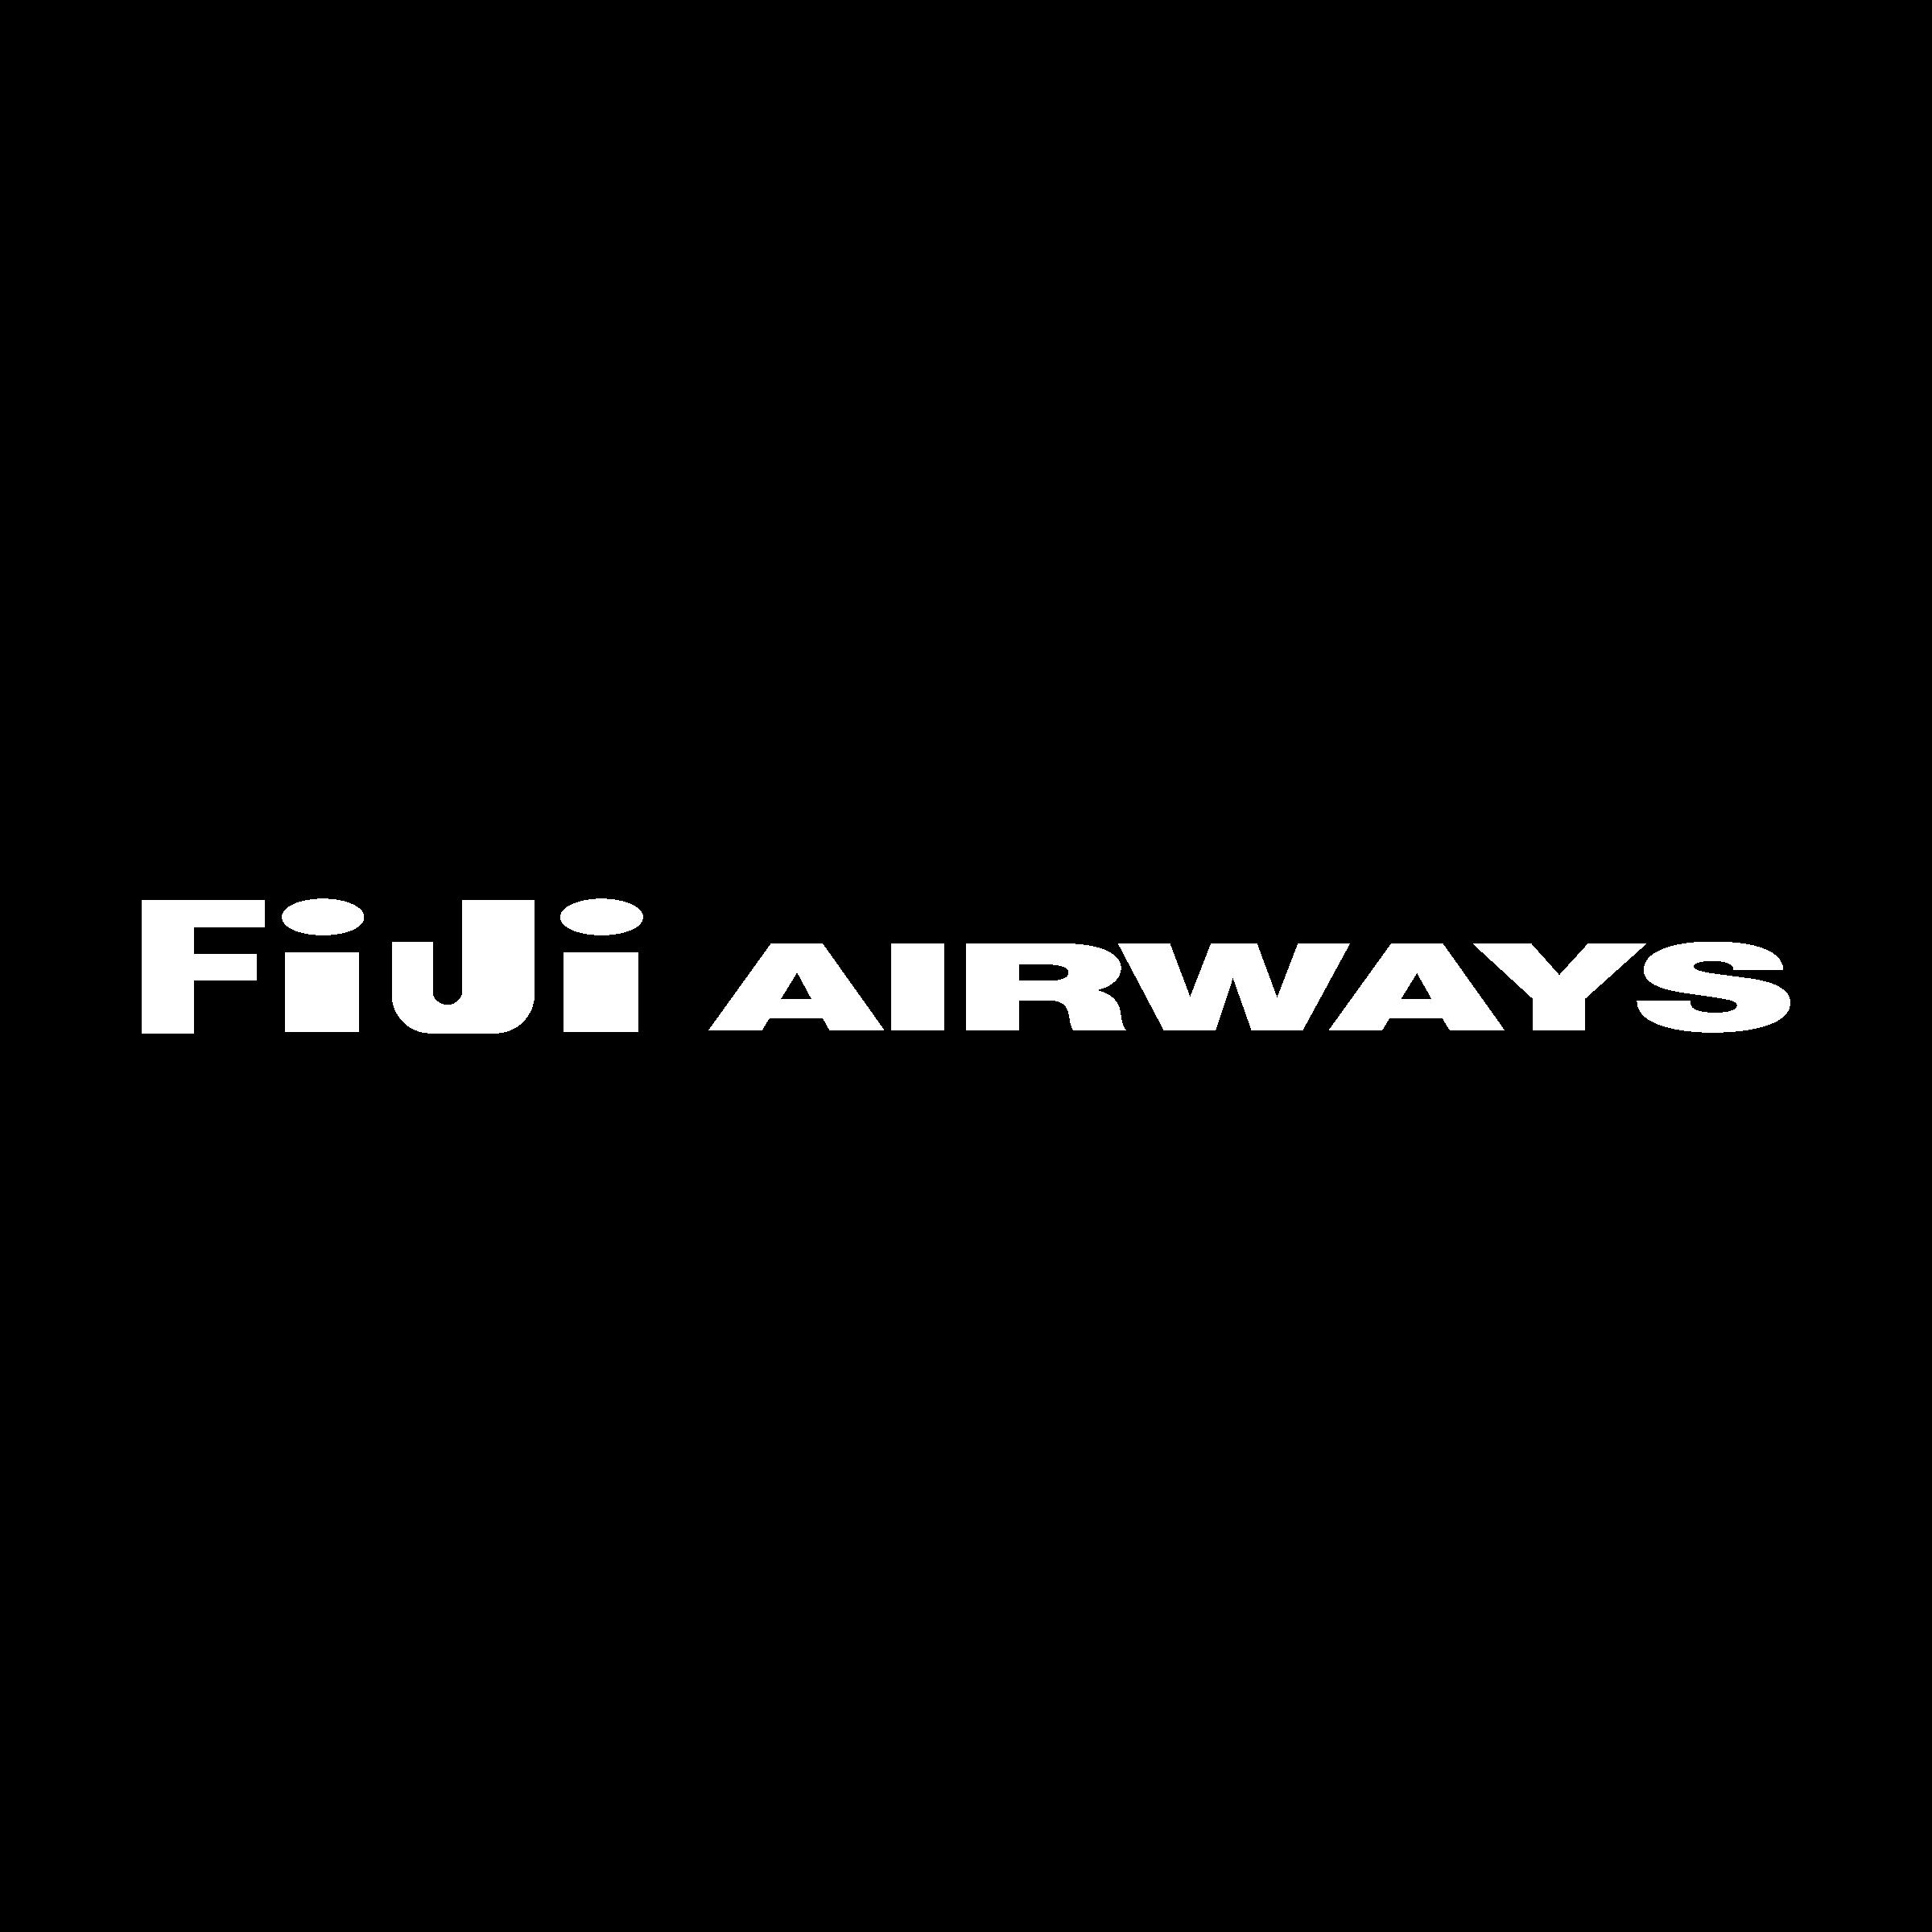 FiJi Airways Logo PNG Transparent & SVG Vector.